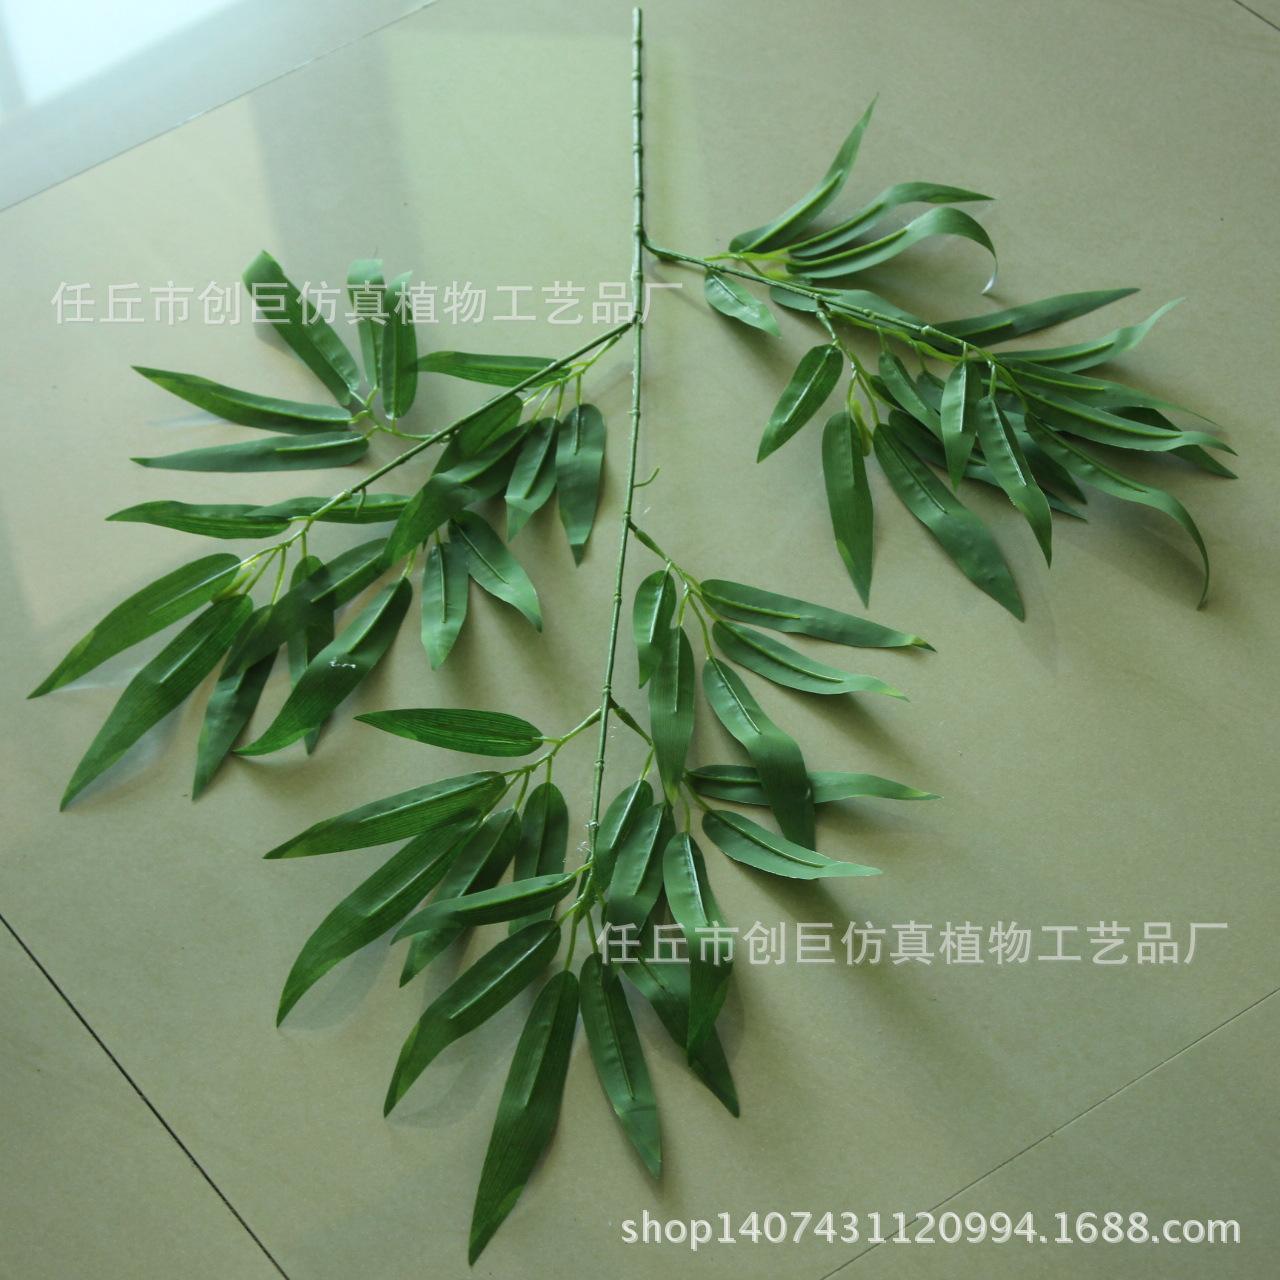 高档仿真竹子假竹子人造树枝室内竹手感胶叶片塑料仿真花装饰批发